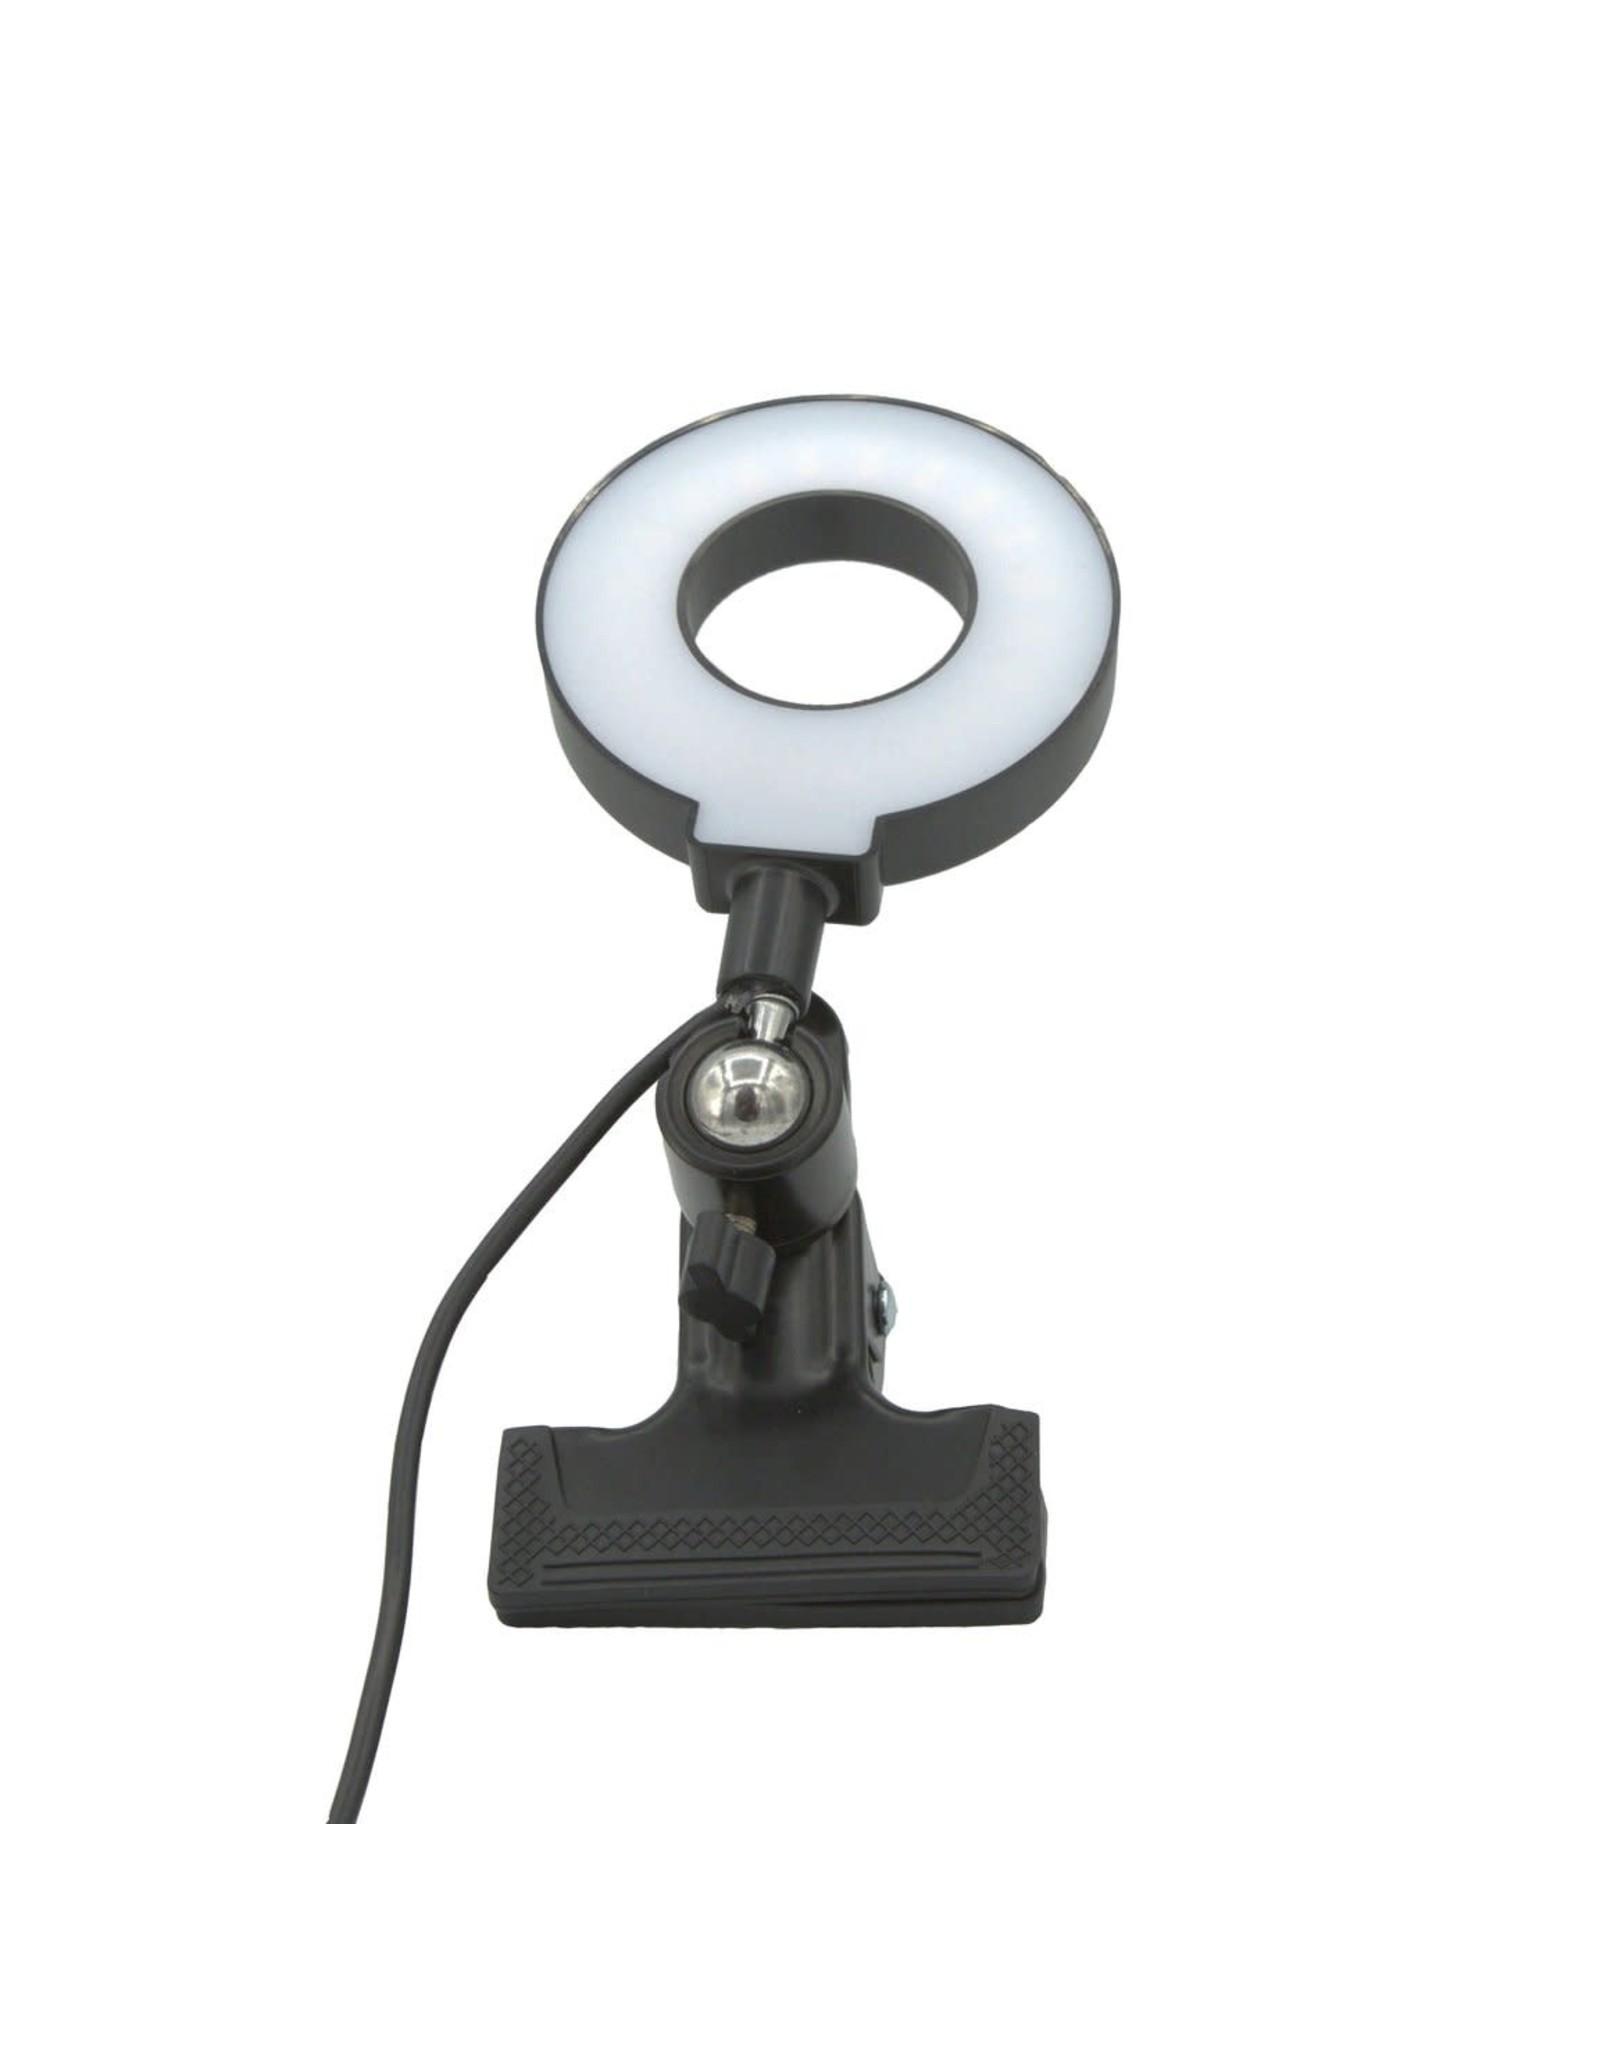 ring light for selfies